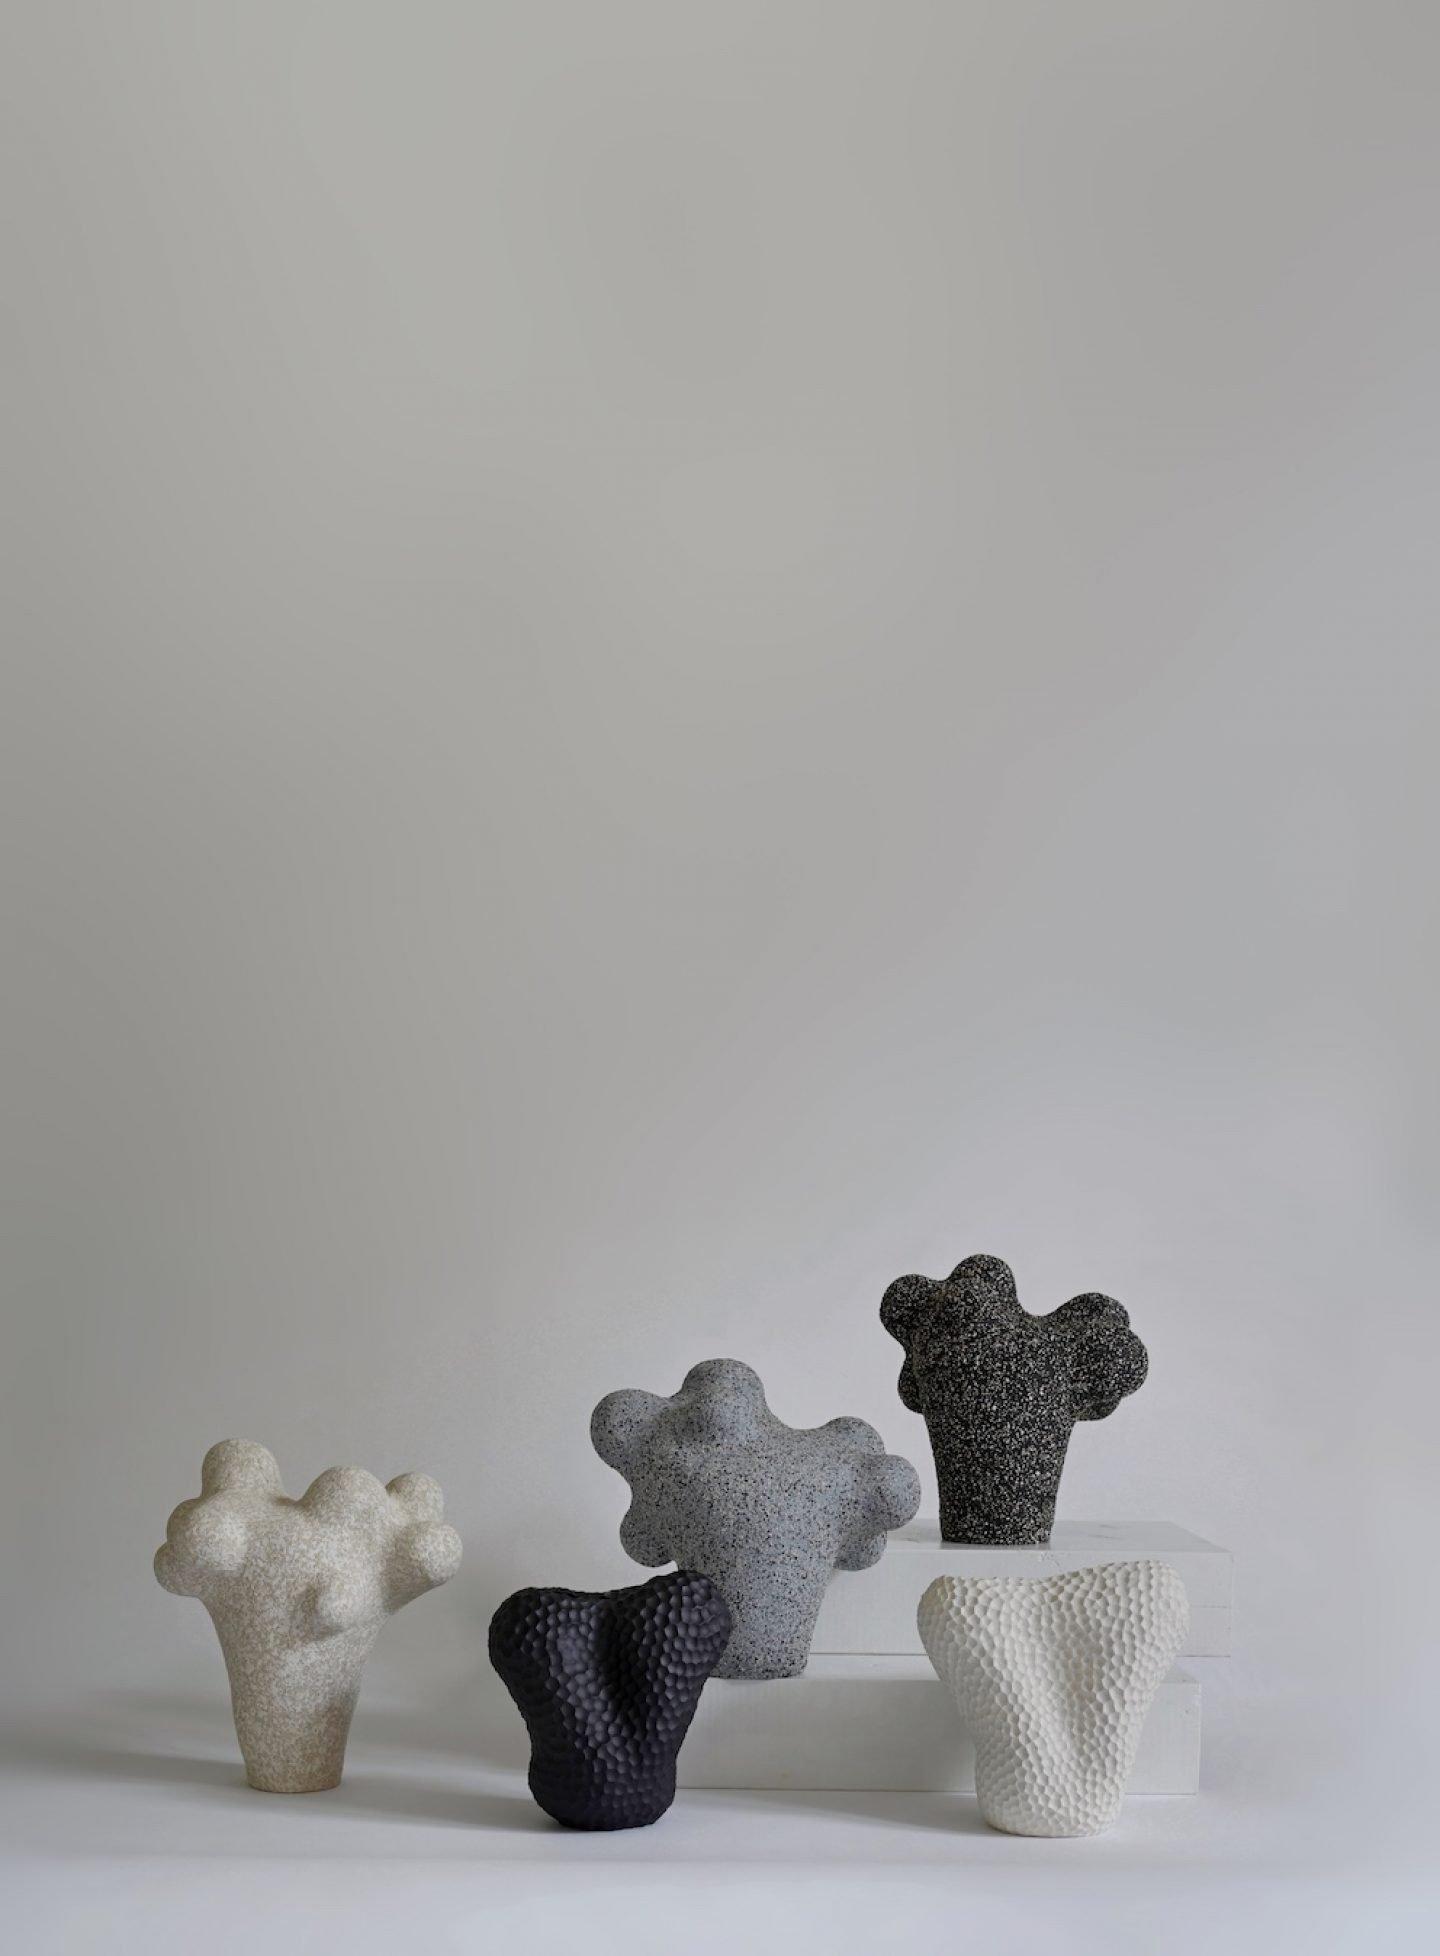 IGNANT-ART-Sculpture-Alium-27